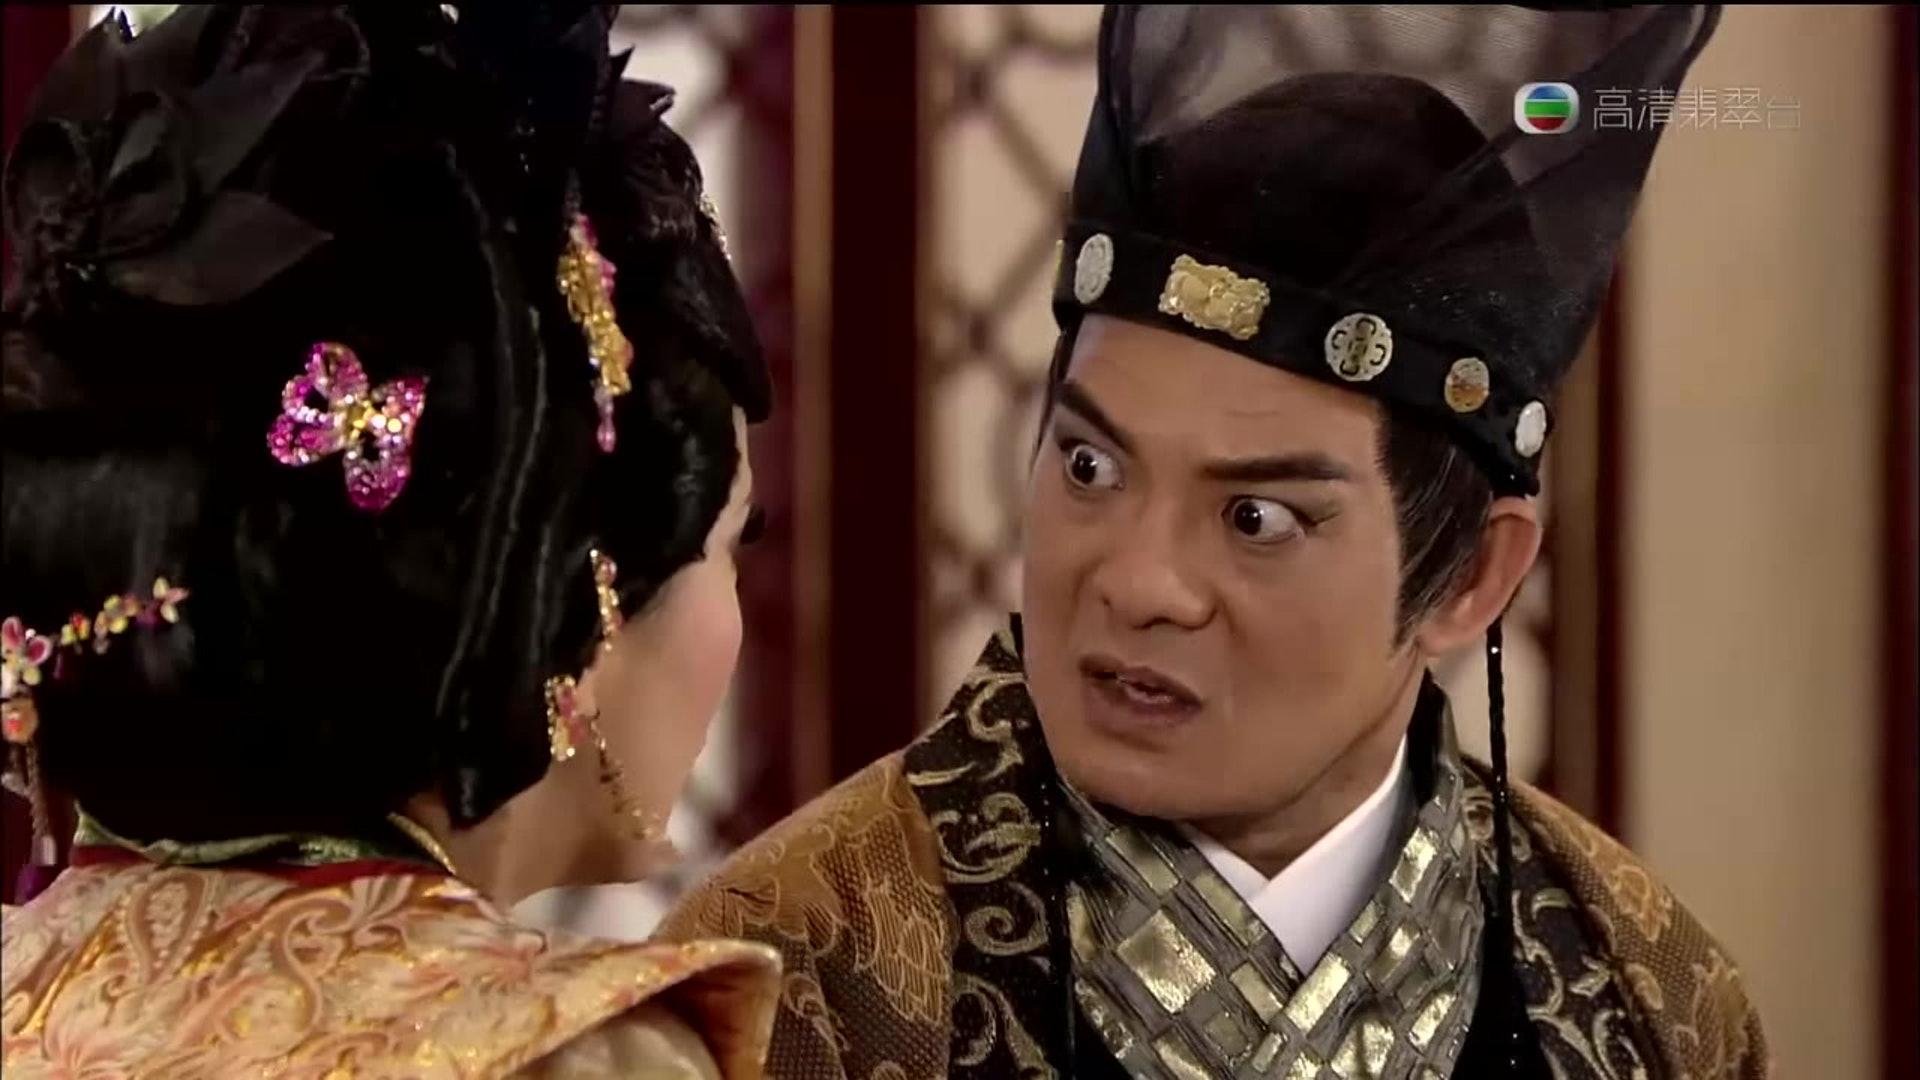 2009年《宮心計》飾演的馬元贄為劇中大反派,在結局篇擔任重要角色。(《宮心計》截圖)